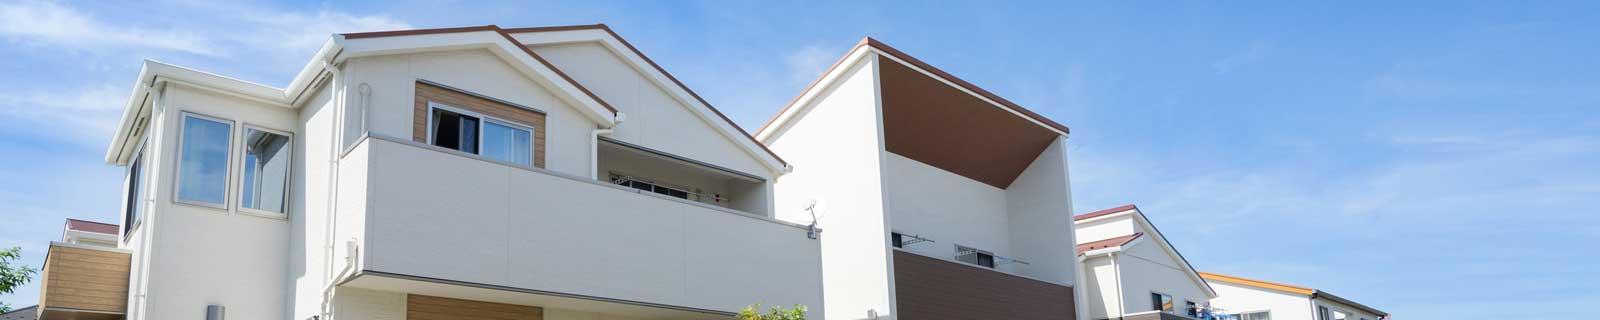 個人住宅塗装